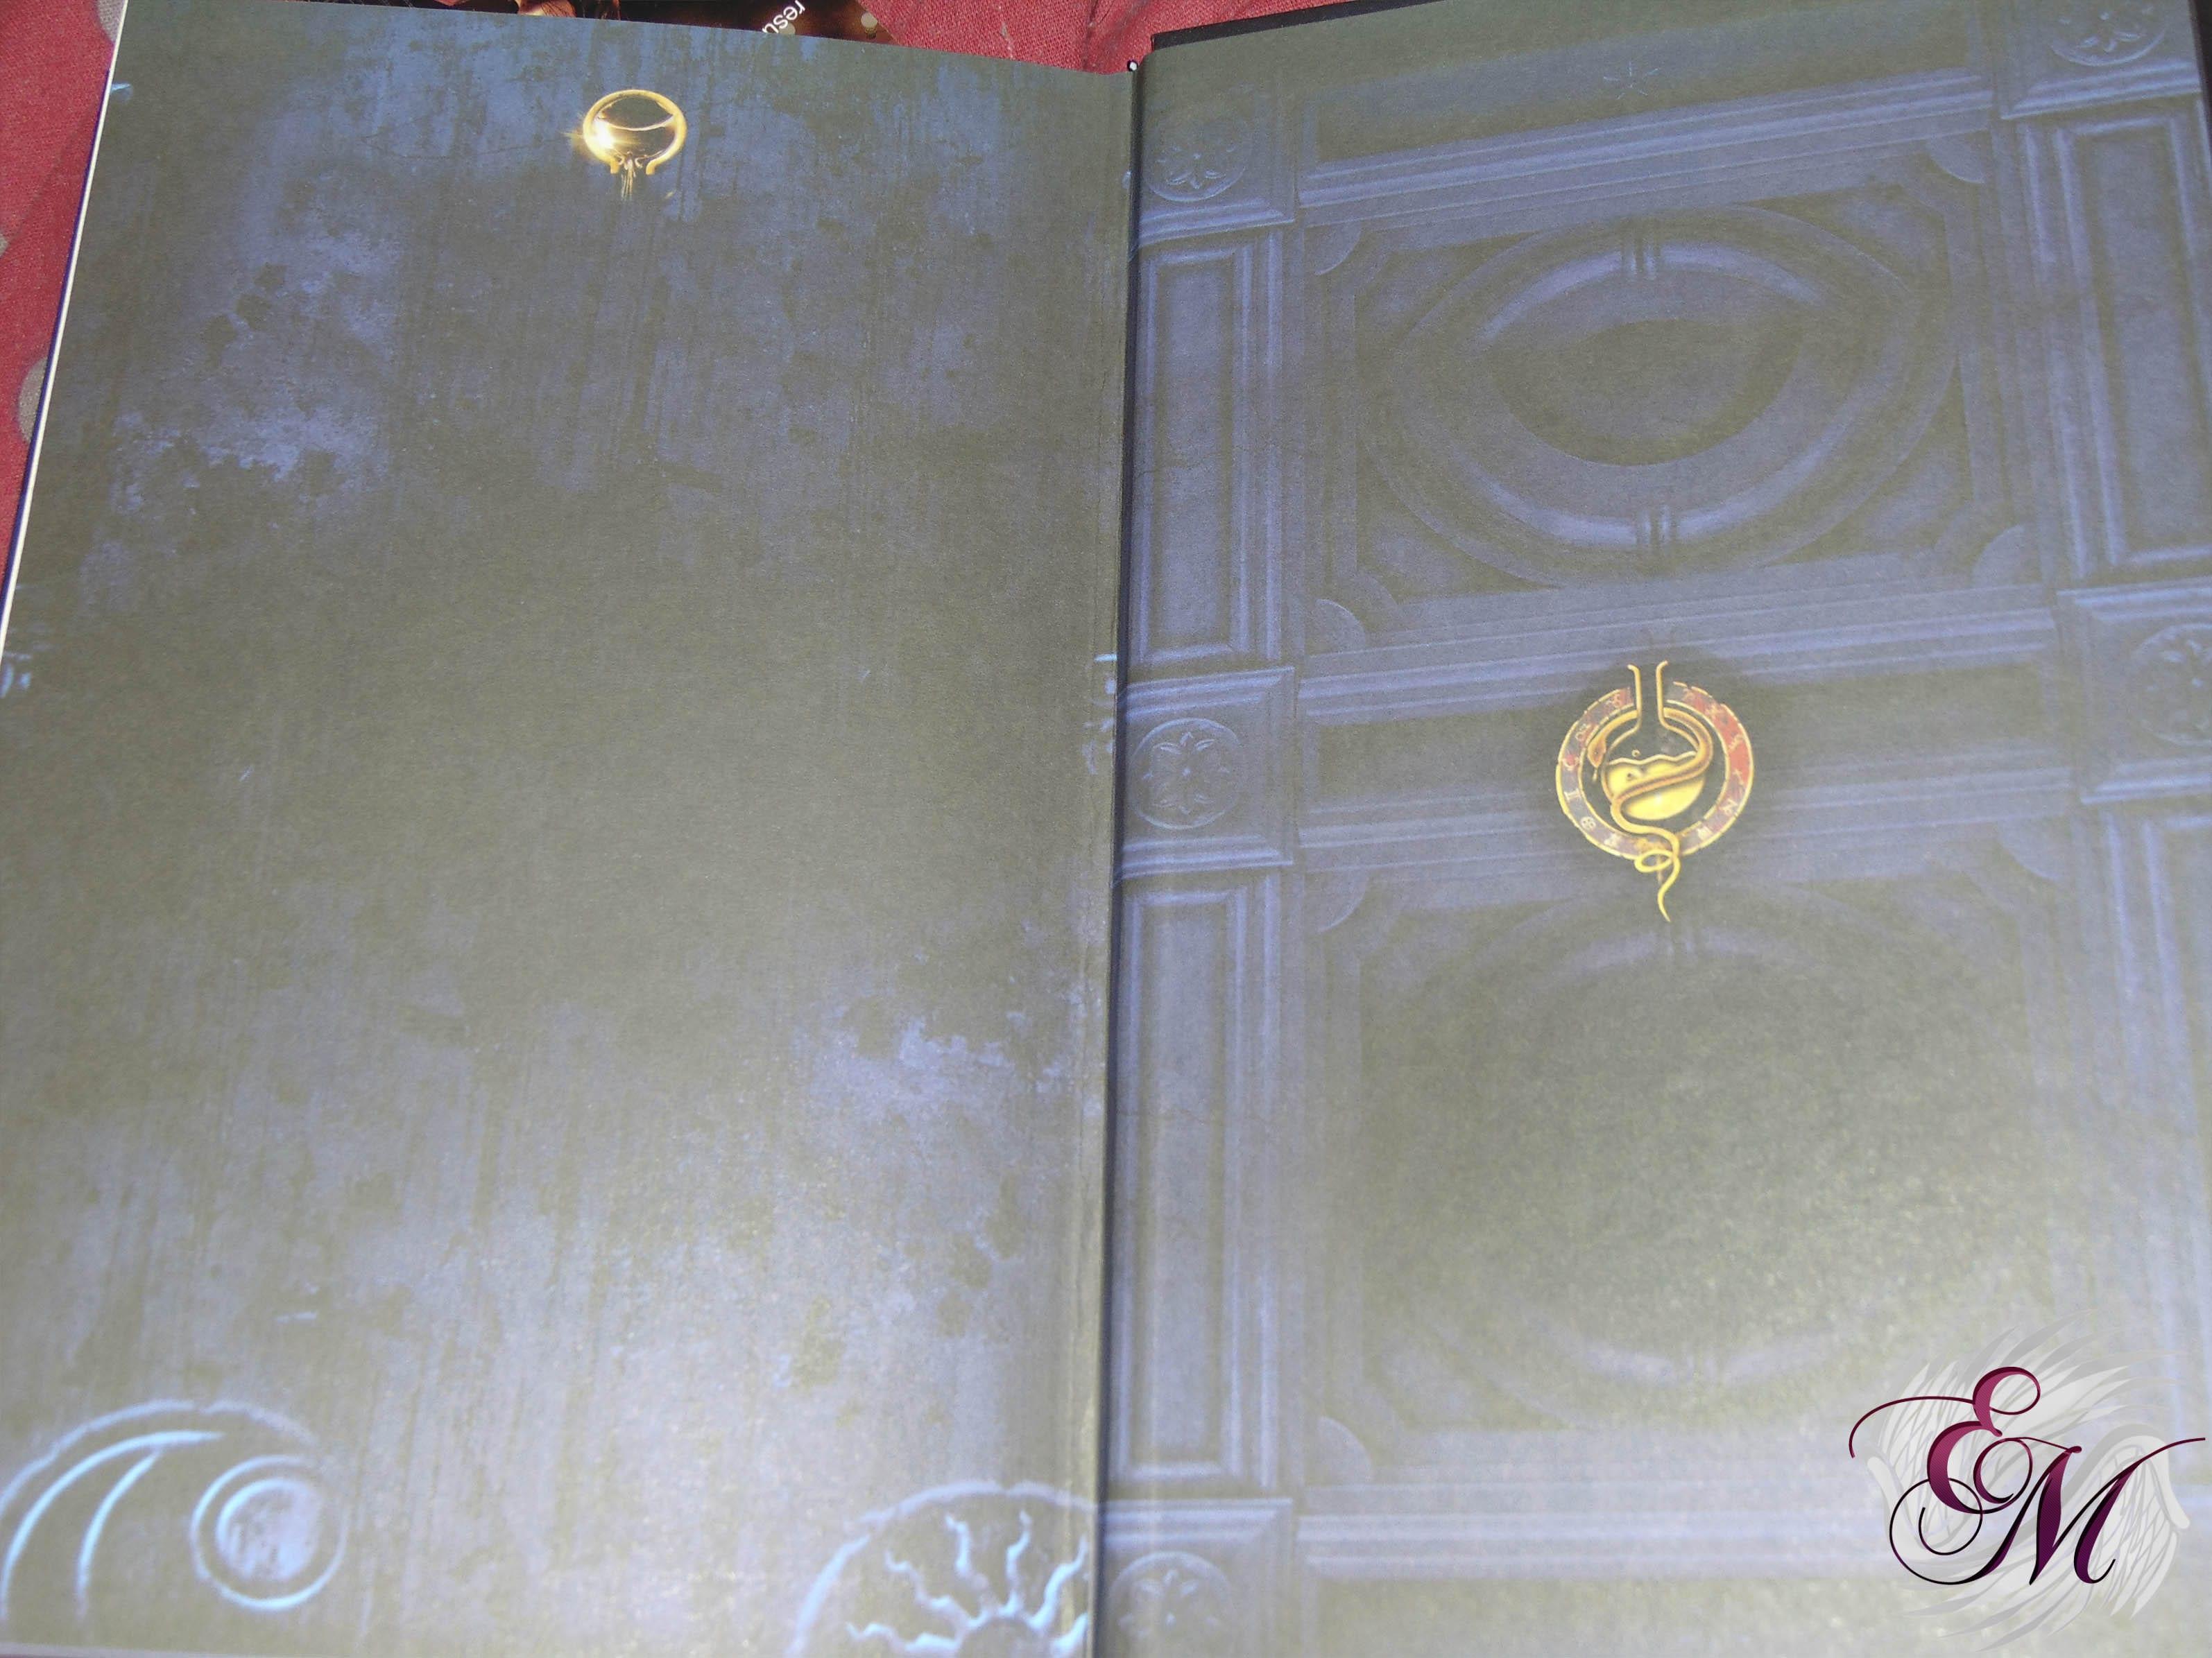 El enigma de blackthorn, de Kevin Sands - Reseña